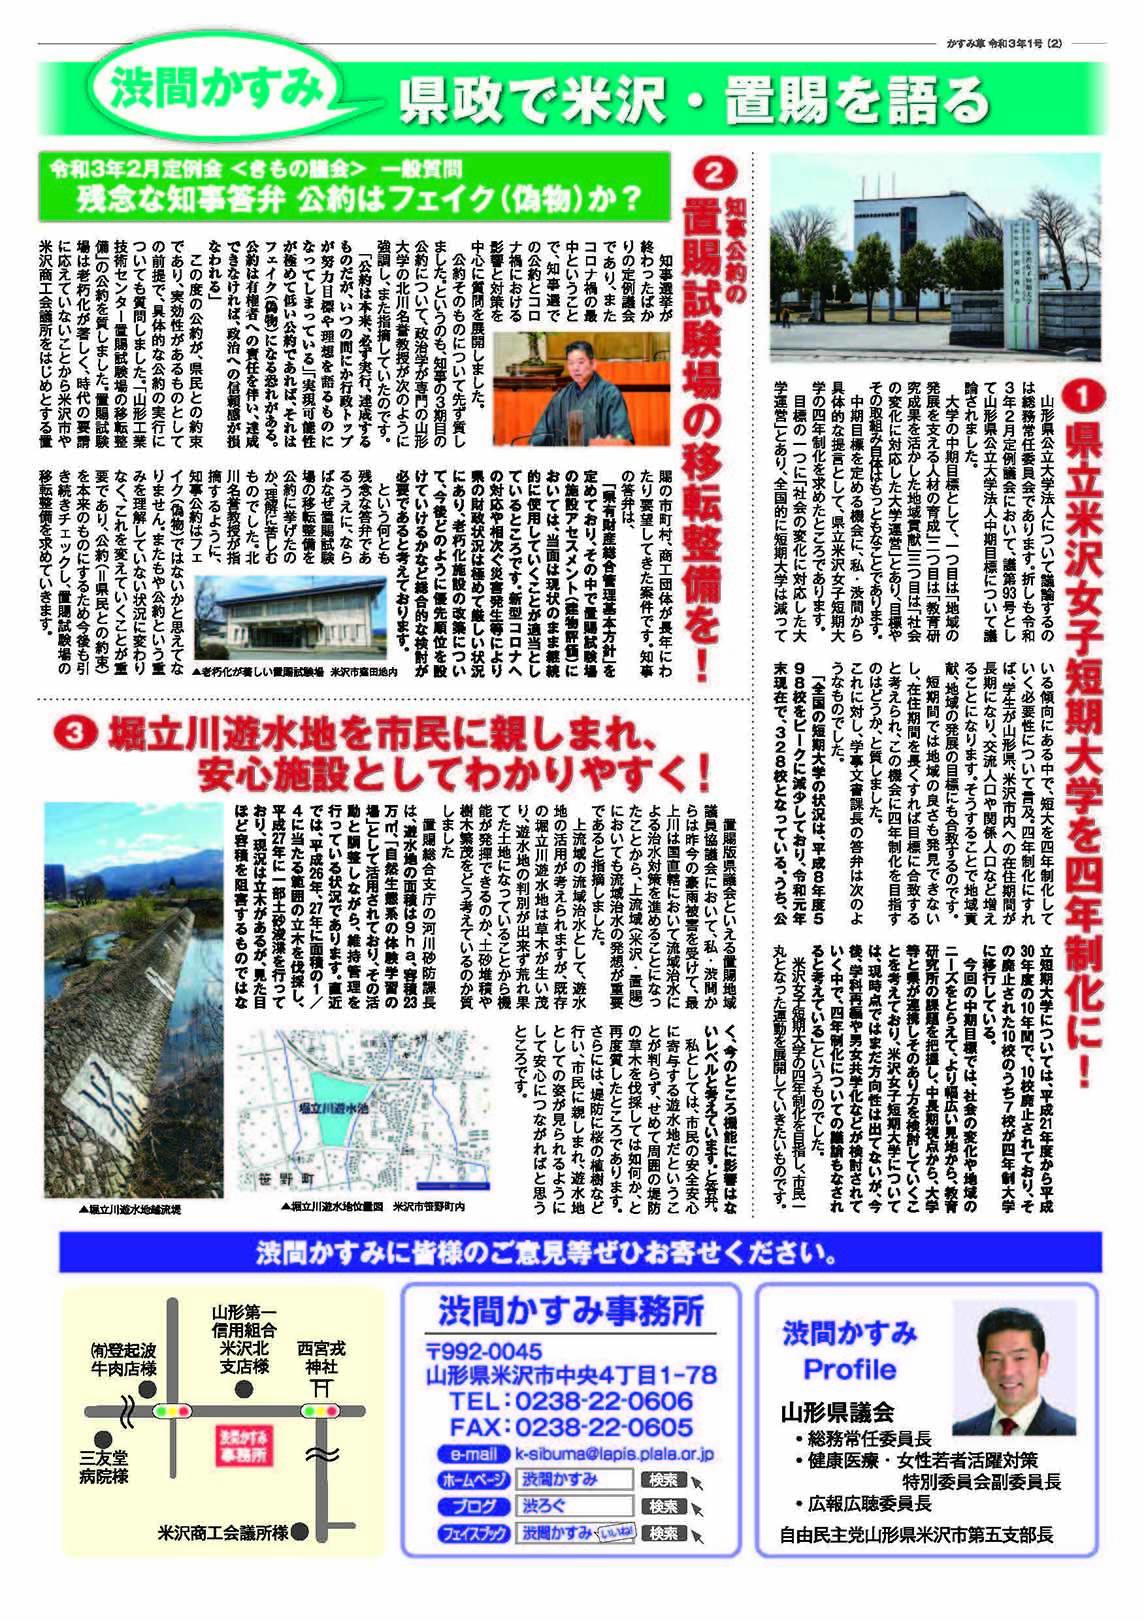 県政報告書「かすみ草」令和3年1号 ネット報告_d0129296_16435303.jpg